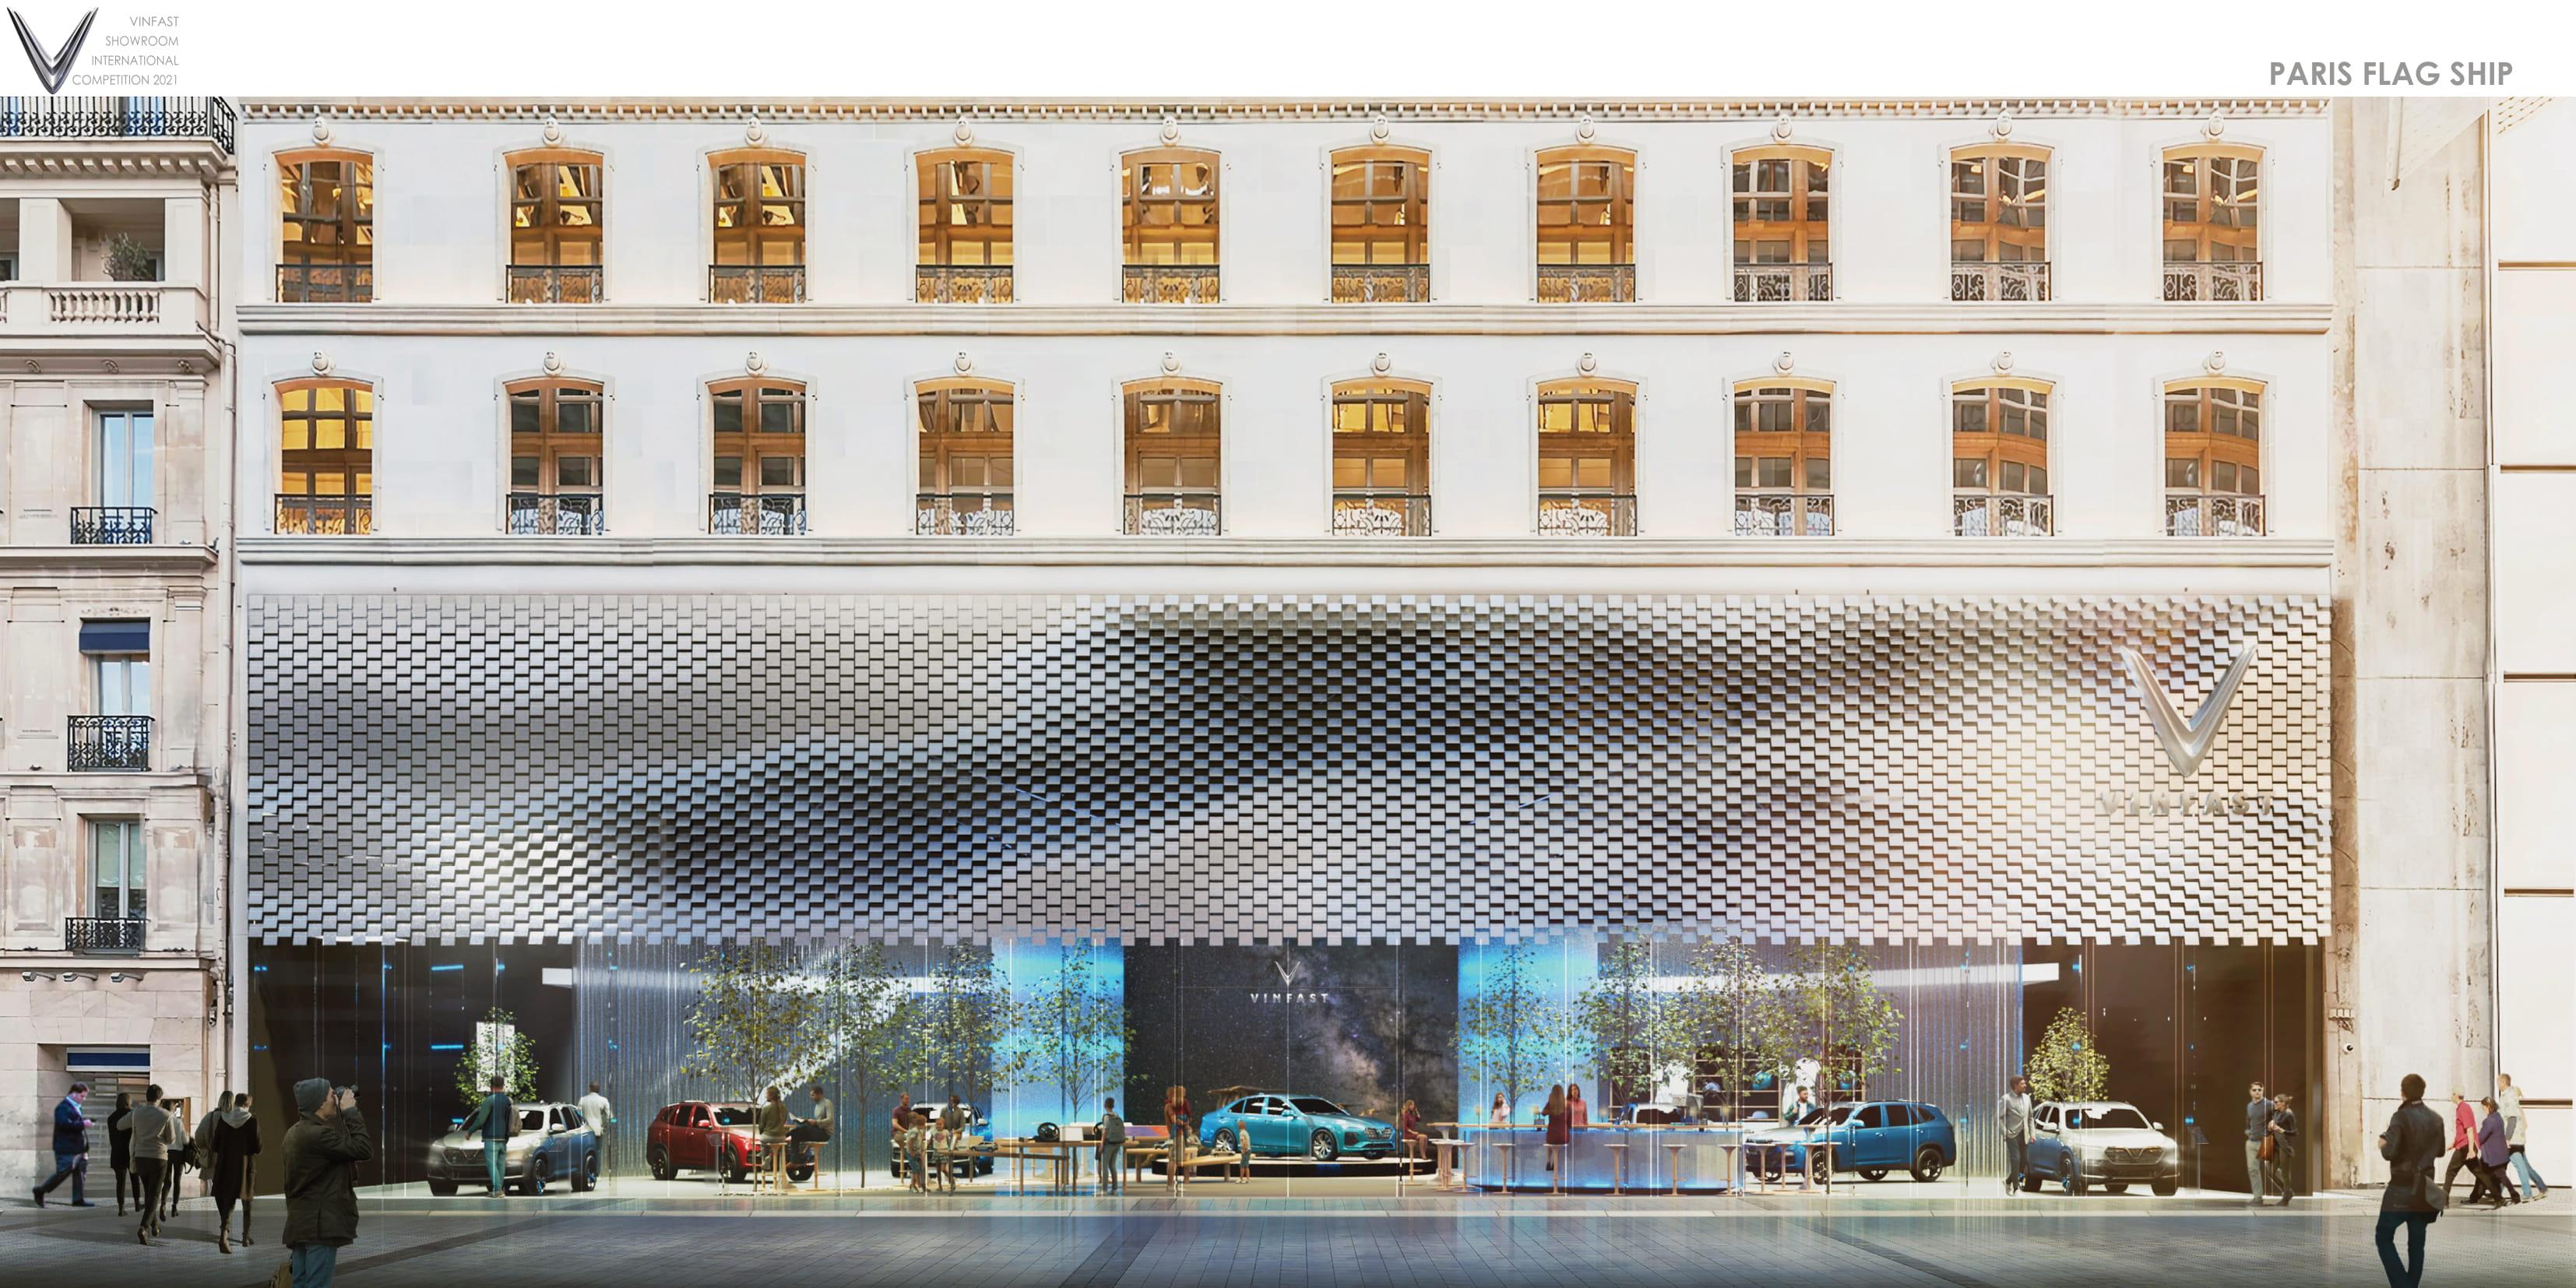 9 thiết kế showroom VinFast toàn cầu xuất sắc nhất sla-3.jpg